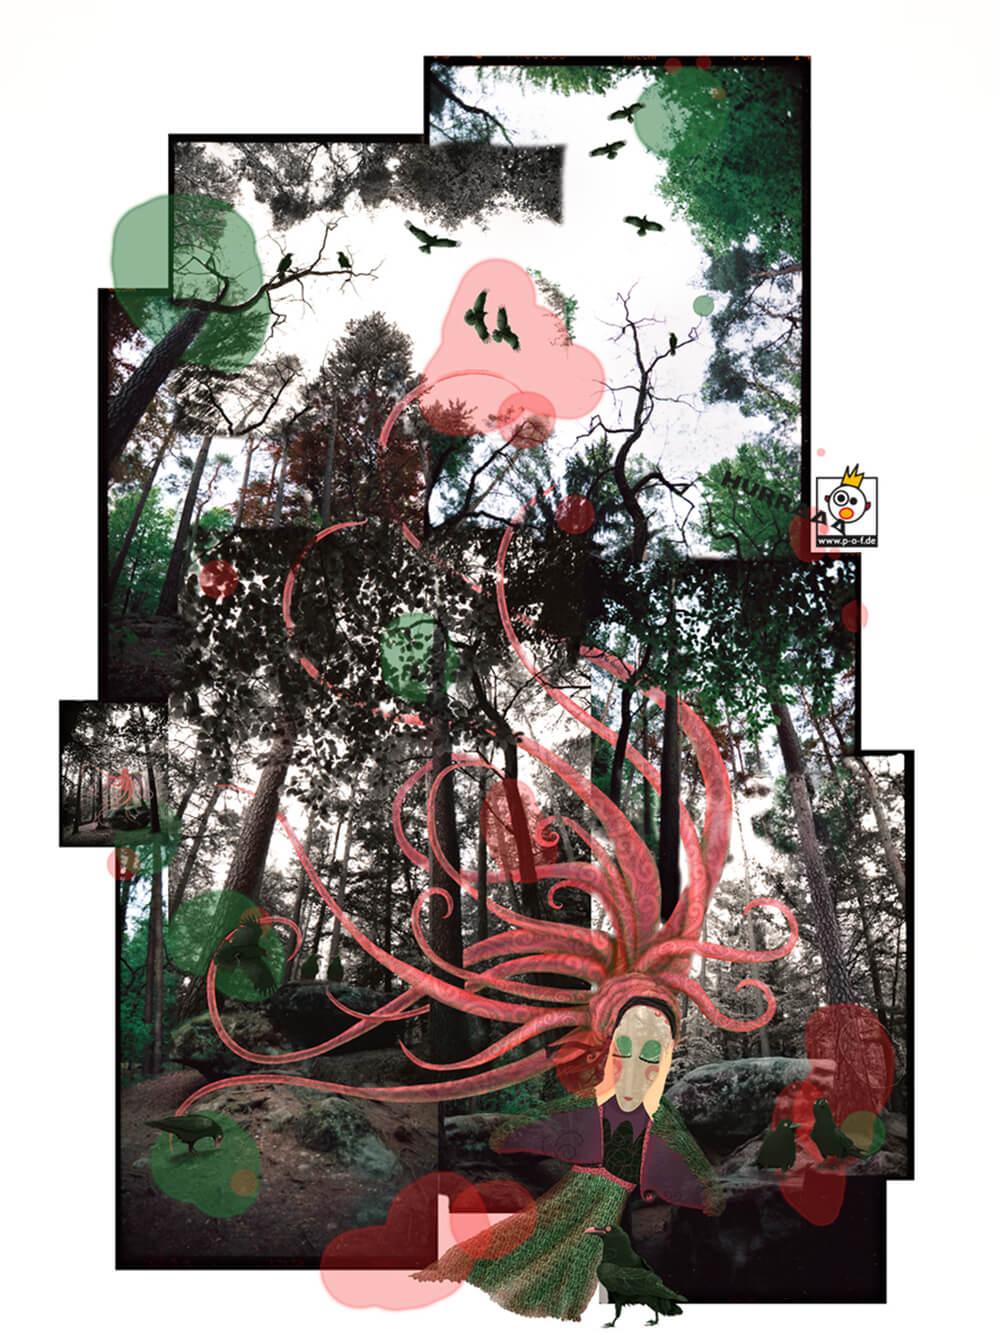 Fotocollage von Waldbildern mit gemalter Hexe und ihren Rabenfreunden